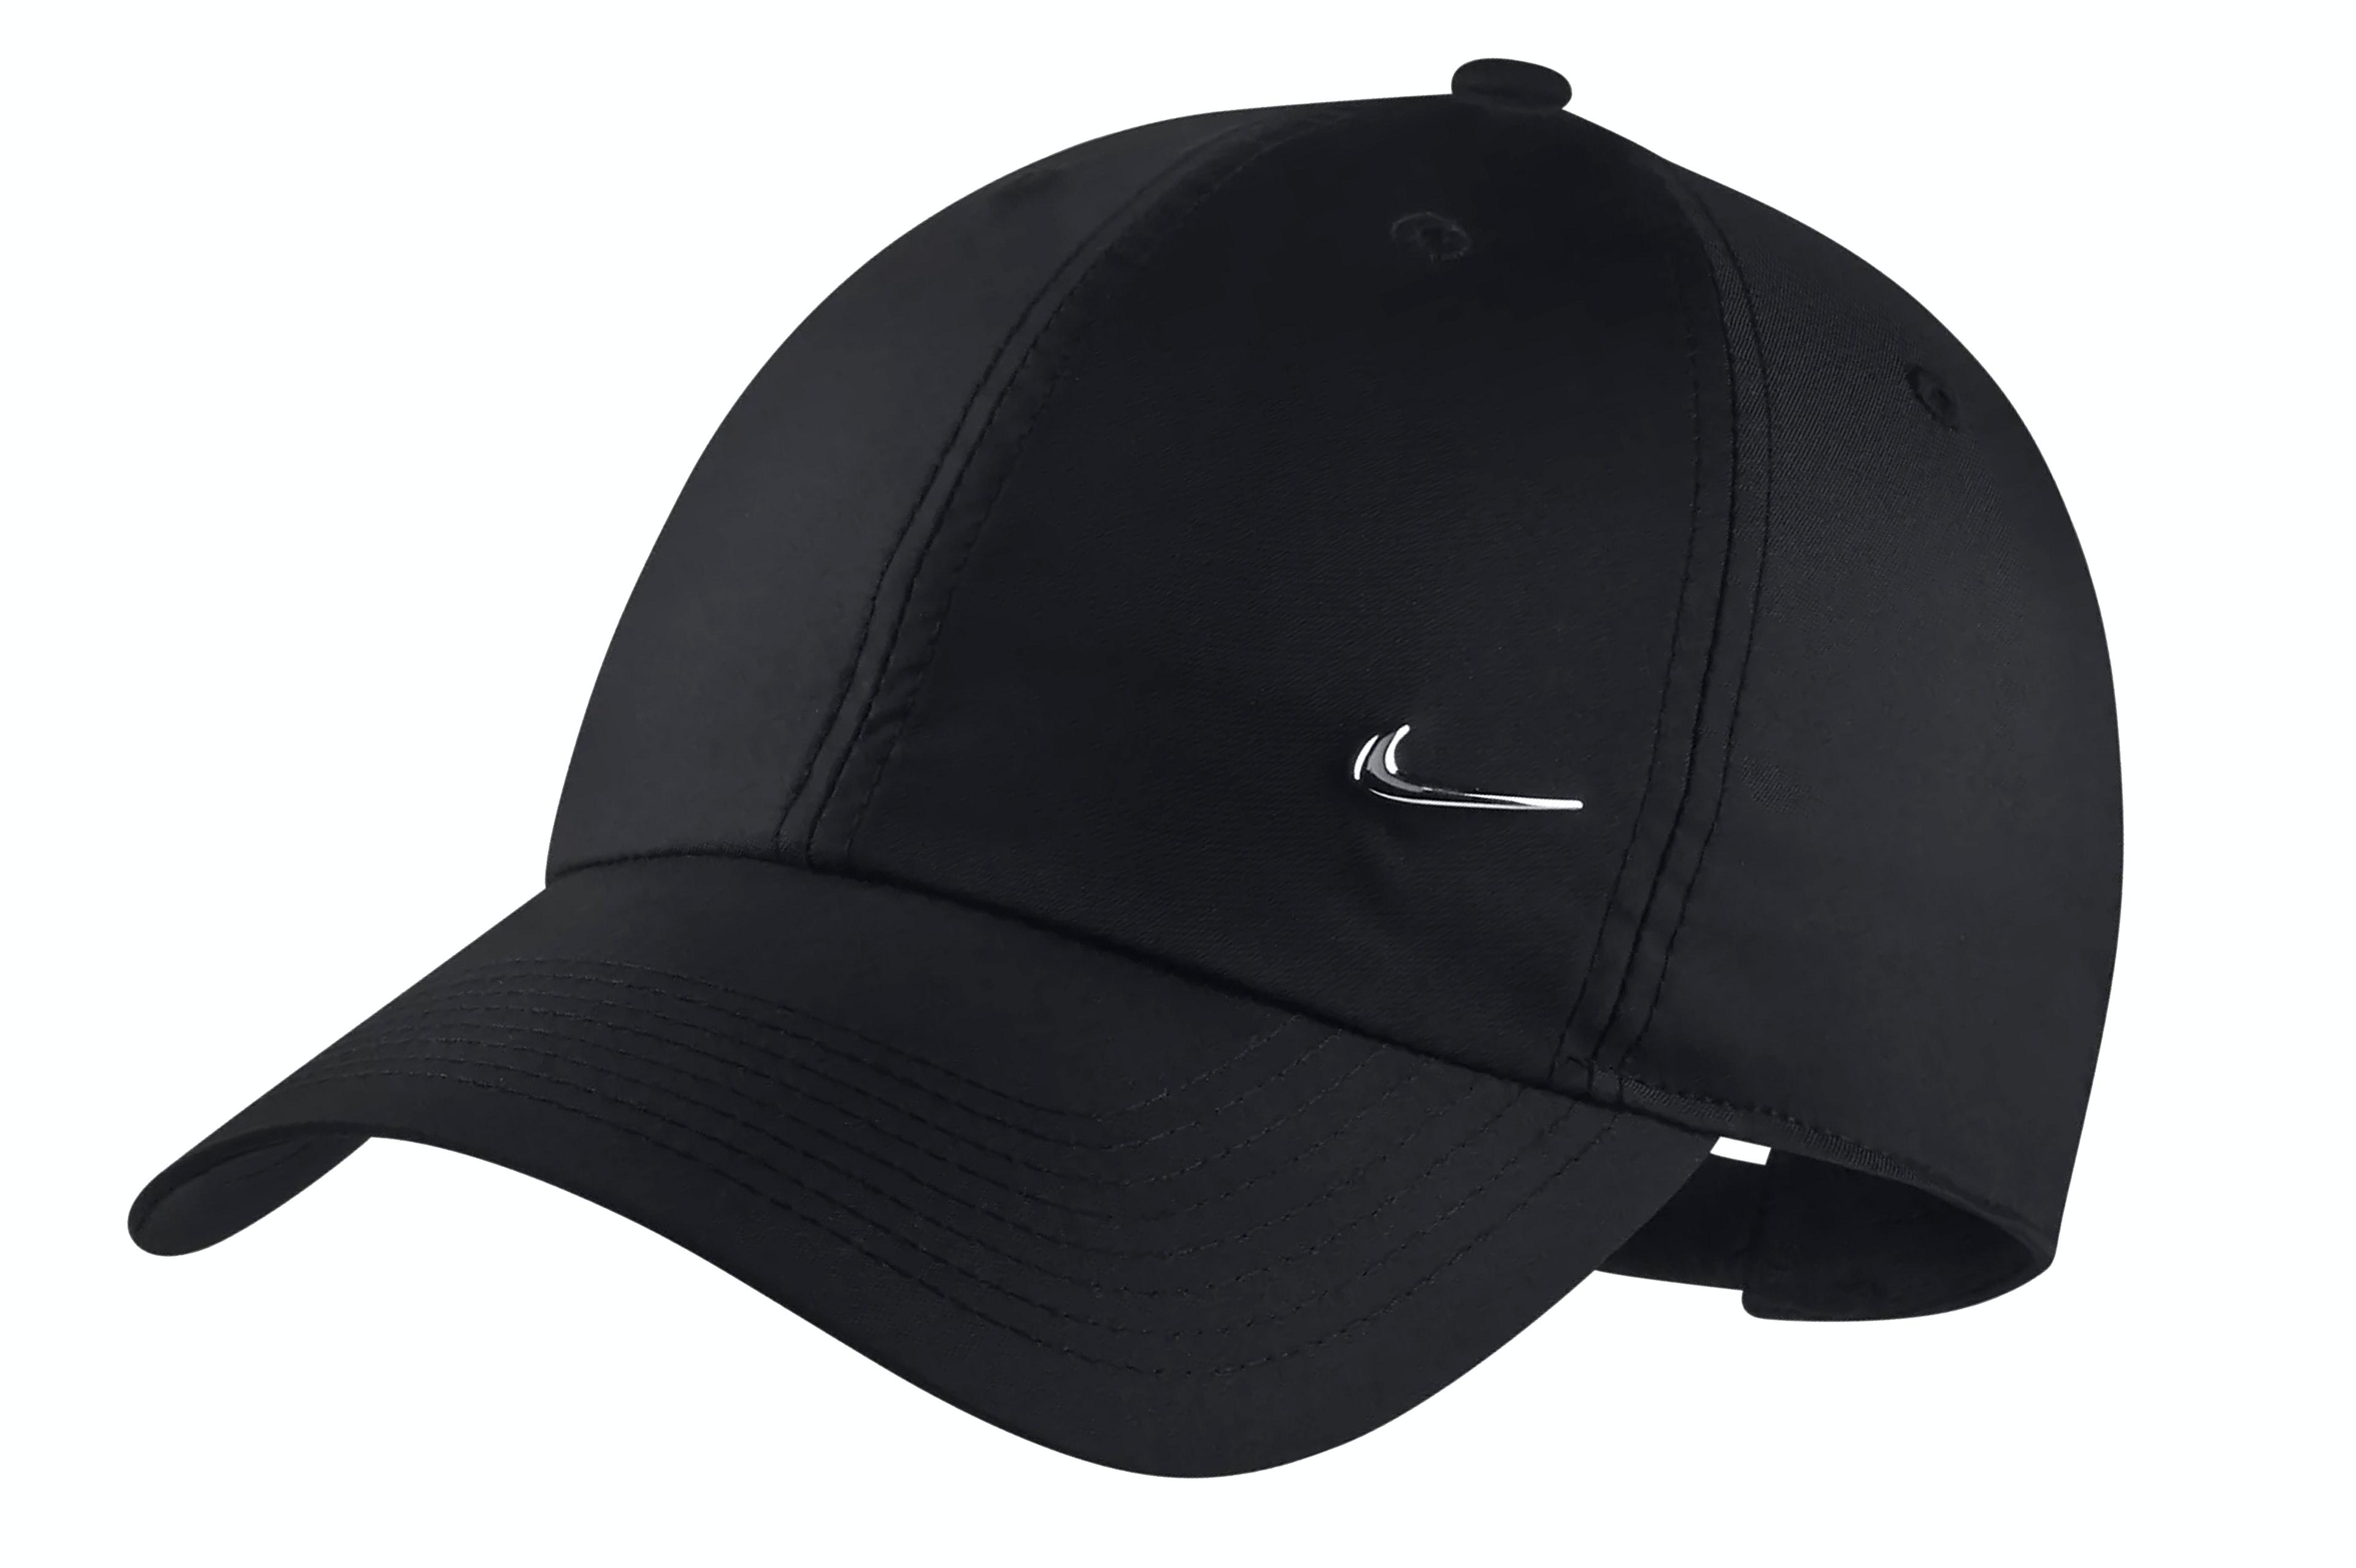 Nike METAL SWOOSH U NSW H86 943092-010